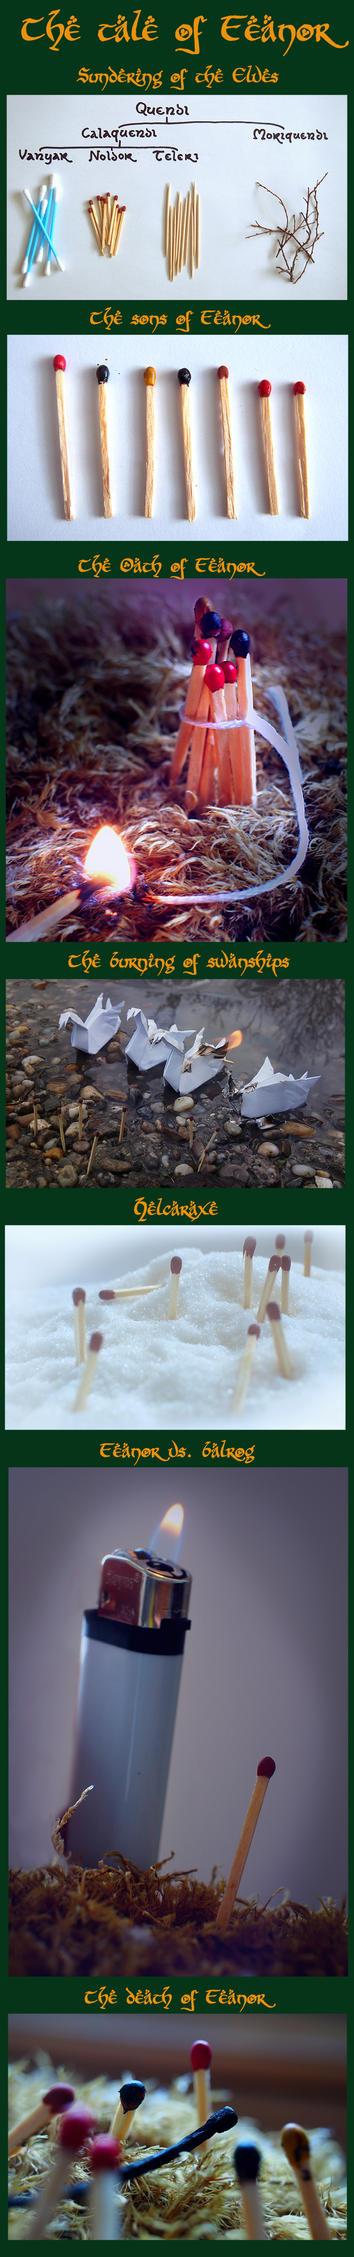 Mini Silmarillion: The tale of Feanor by MirachRavaia